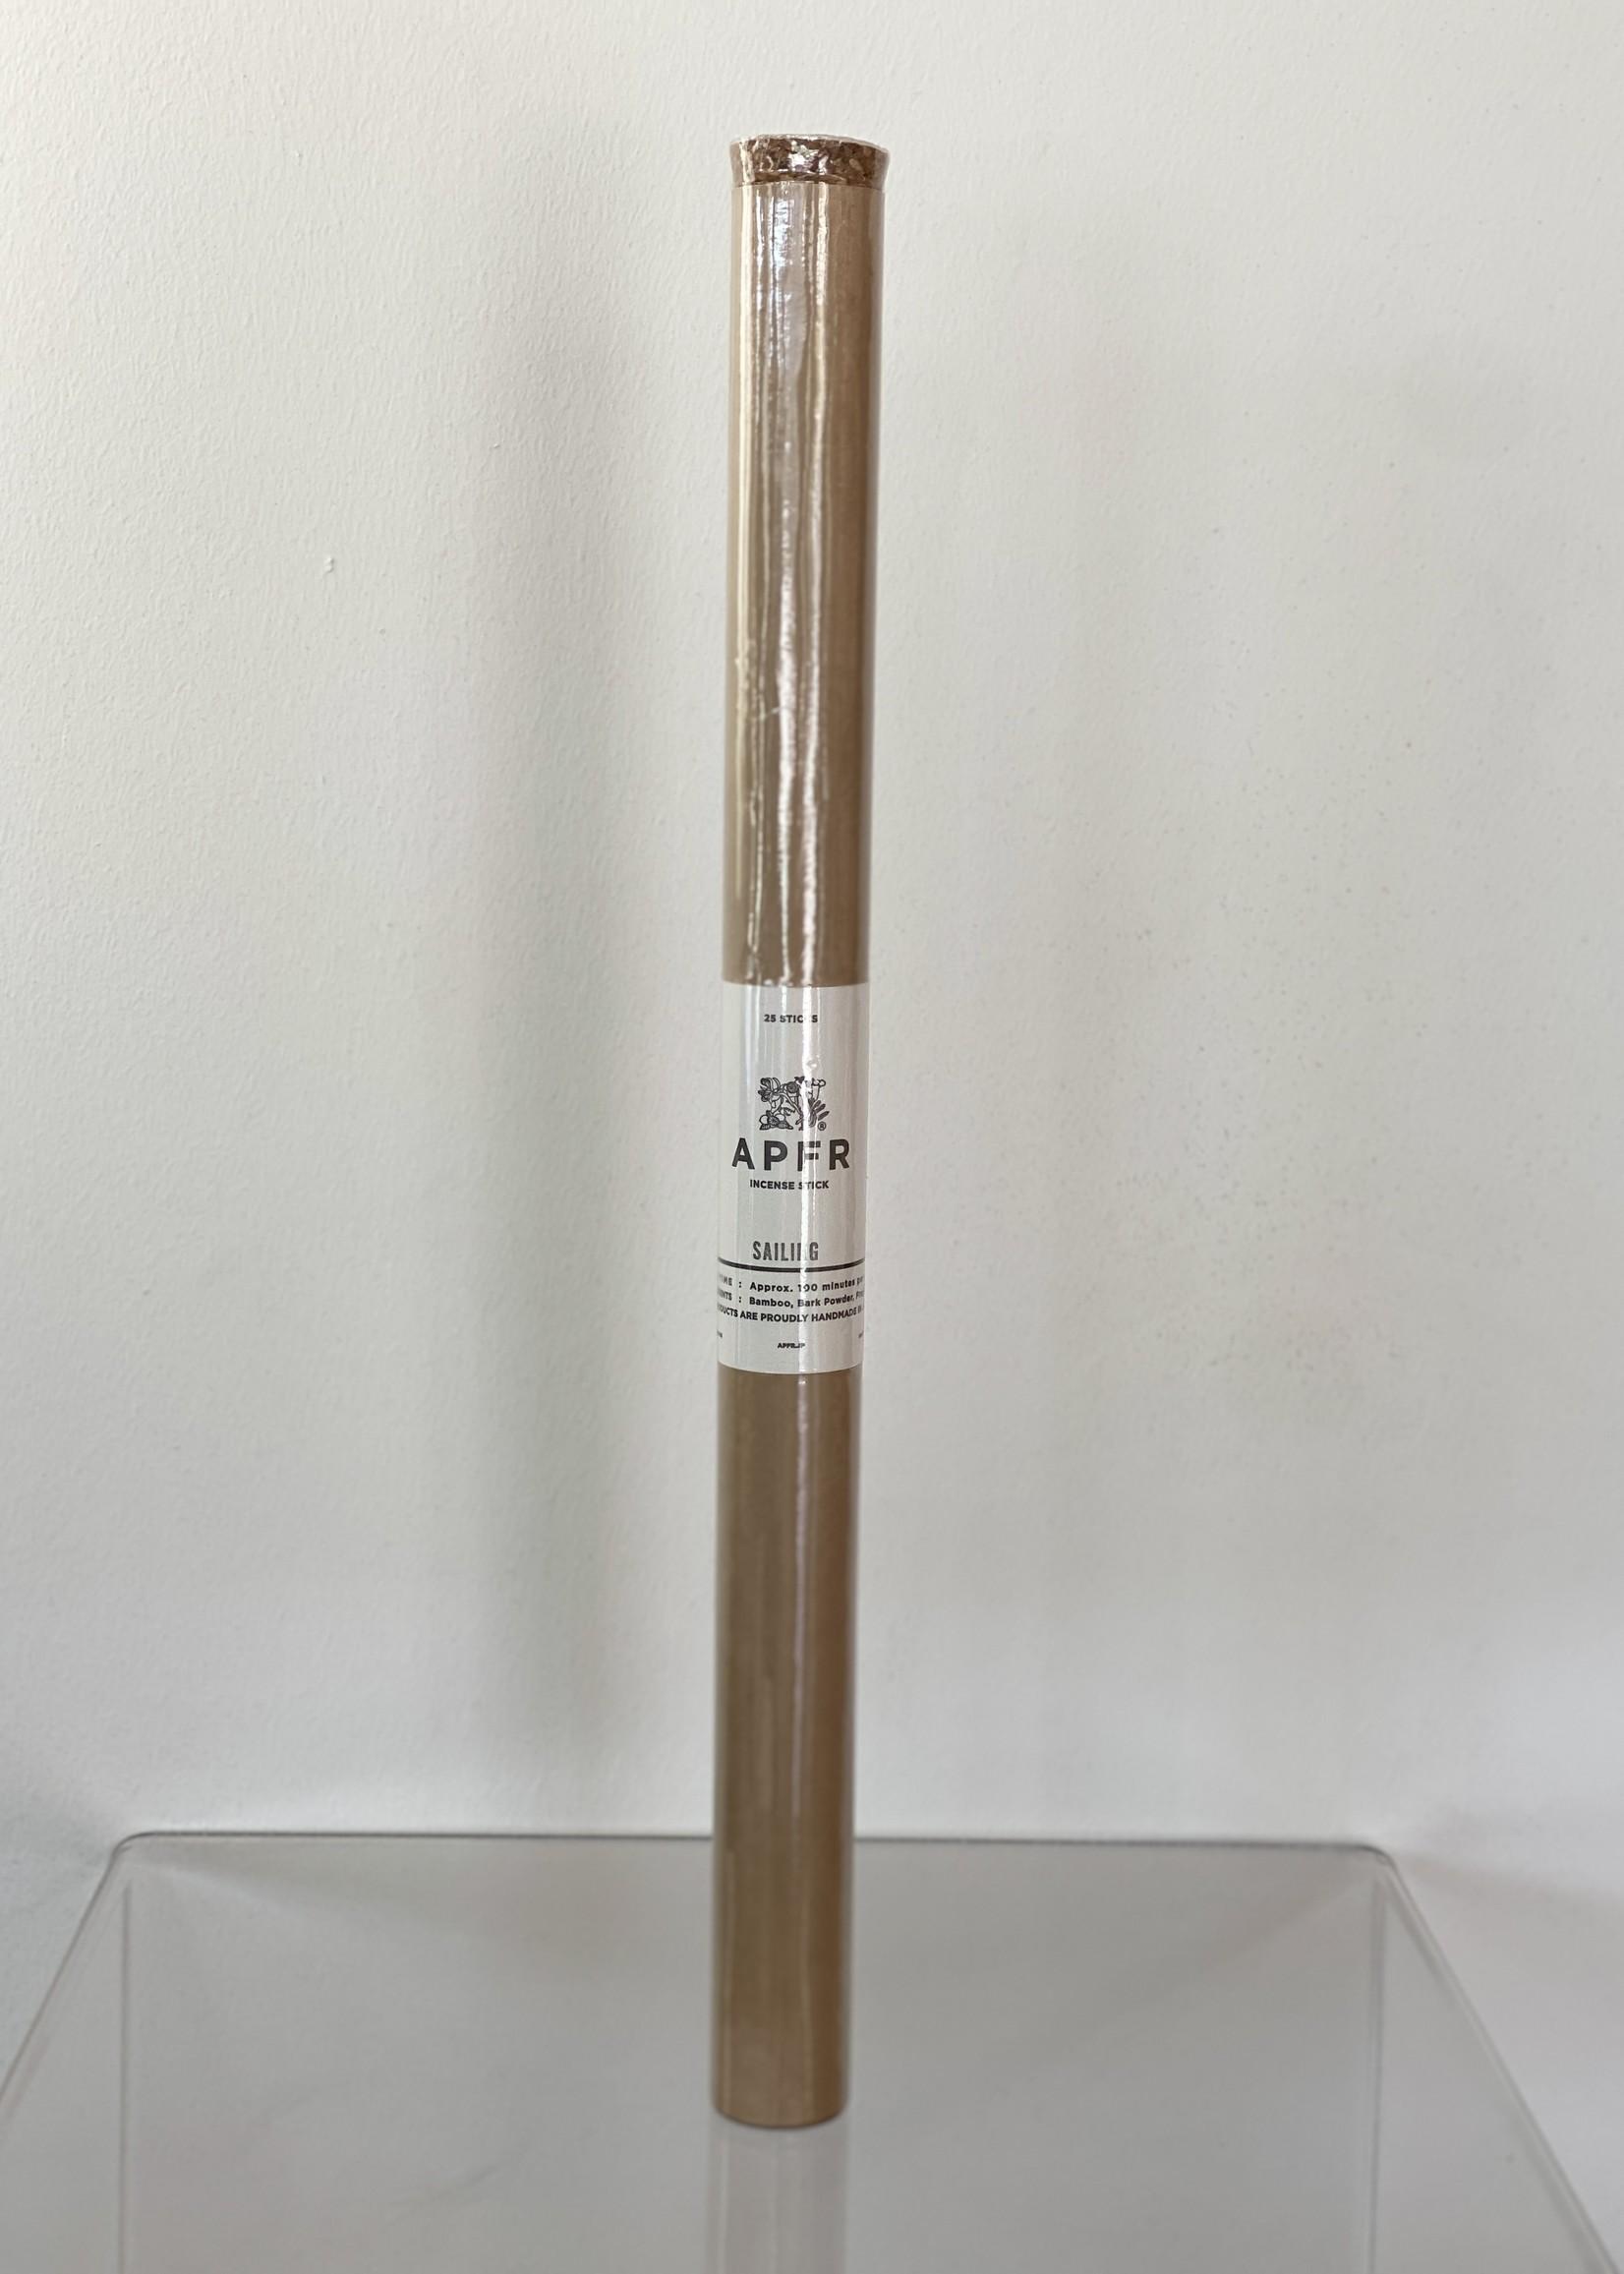 APFR Japan Japanese Incense: Sailing